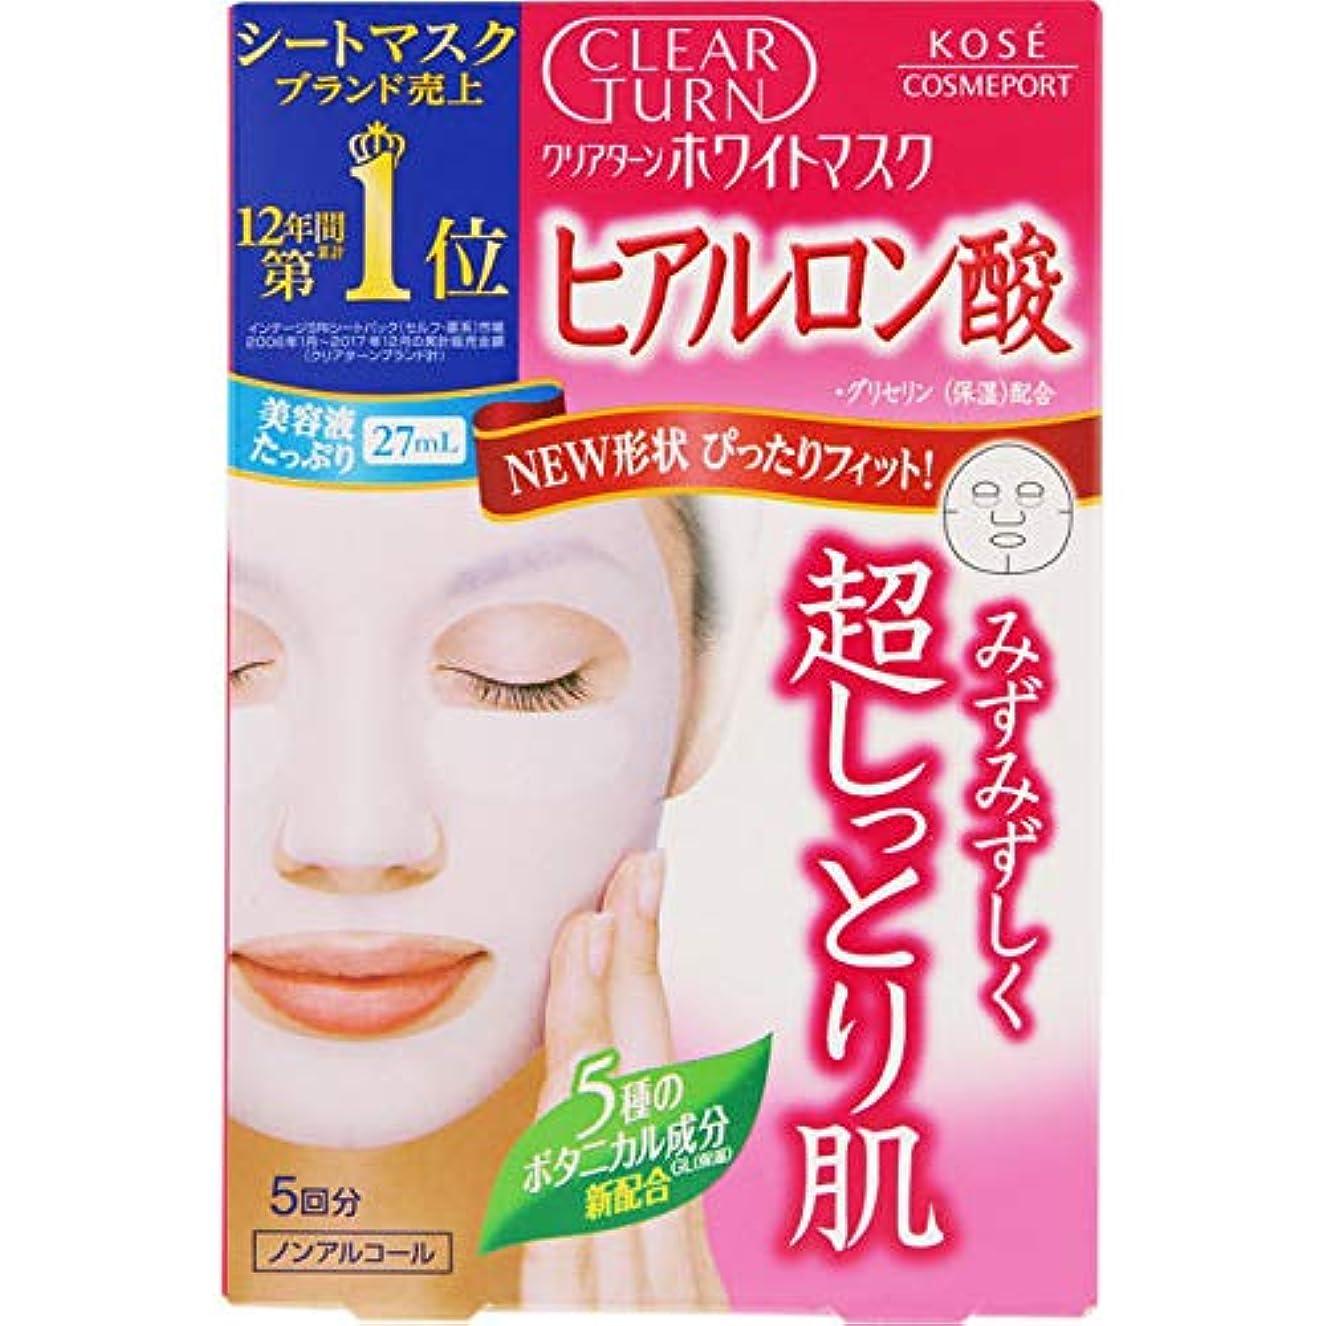 適度に要求する二次コーセー クリアターン ホワイト マスク(ヒアルロン酸) 5回分